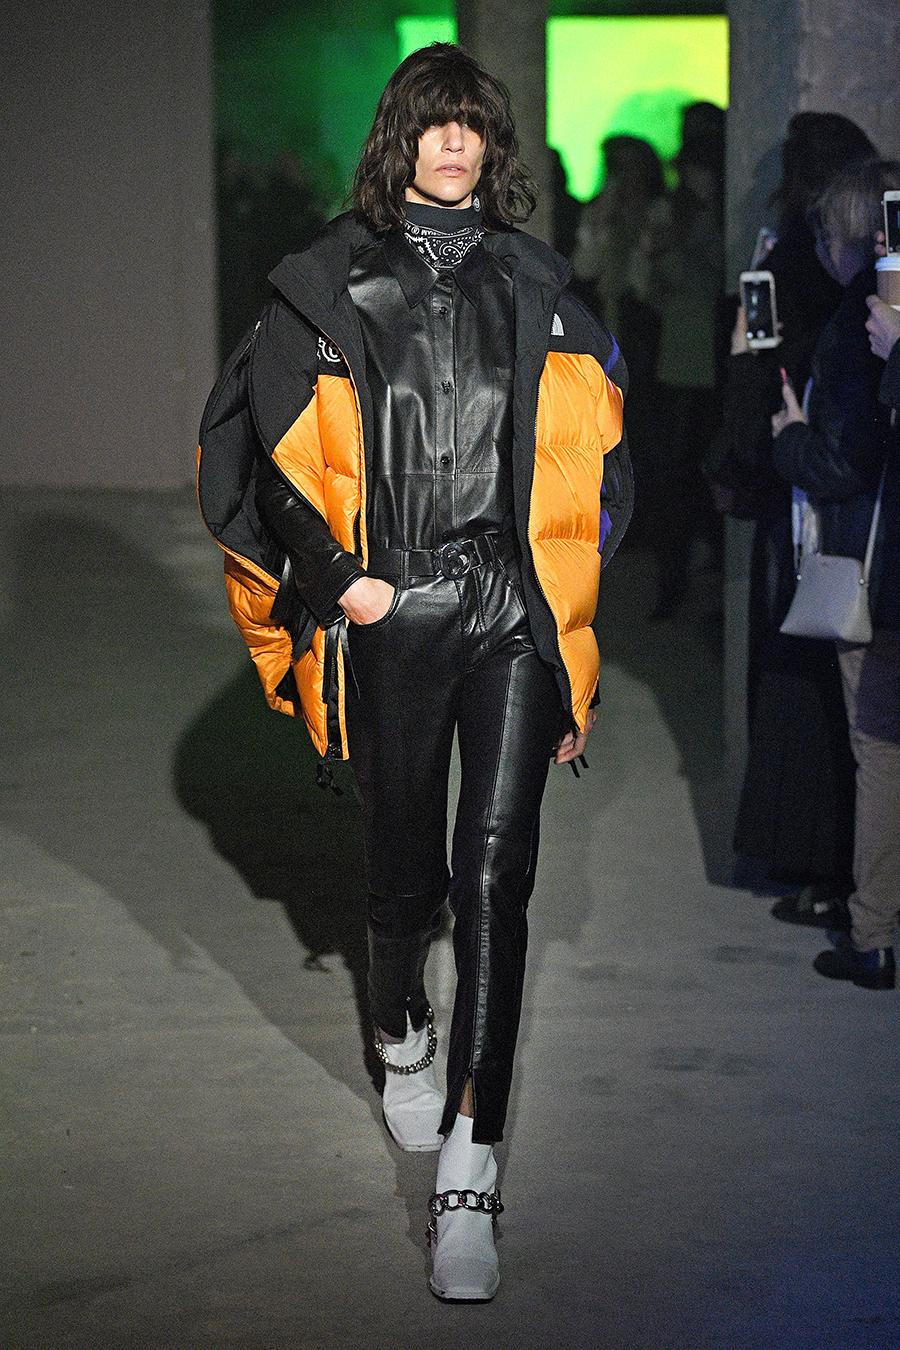 модный пуховик спортивный зима 2020 2021 черный оранжевый